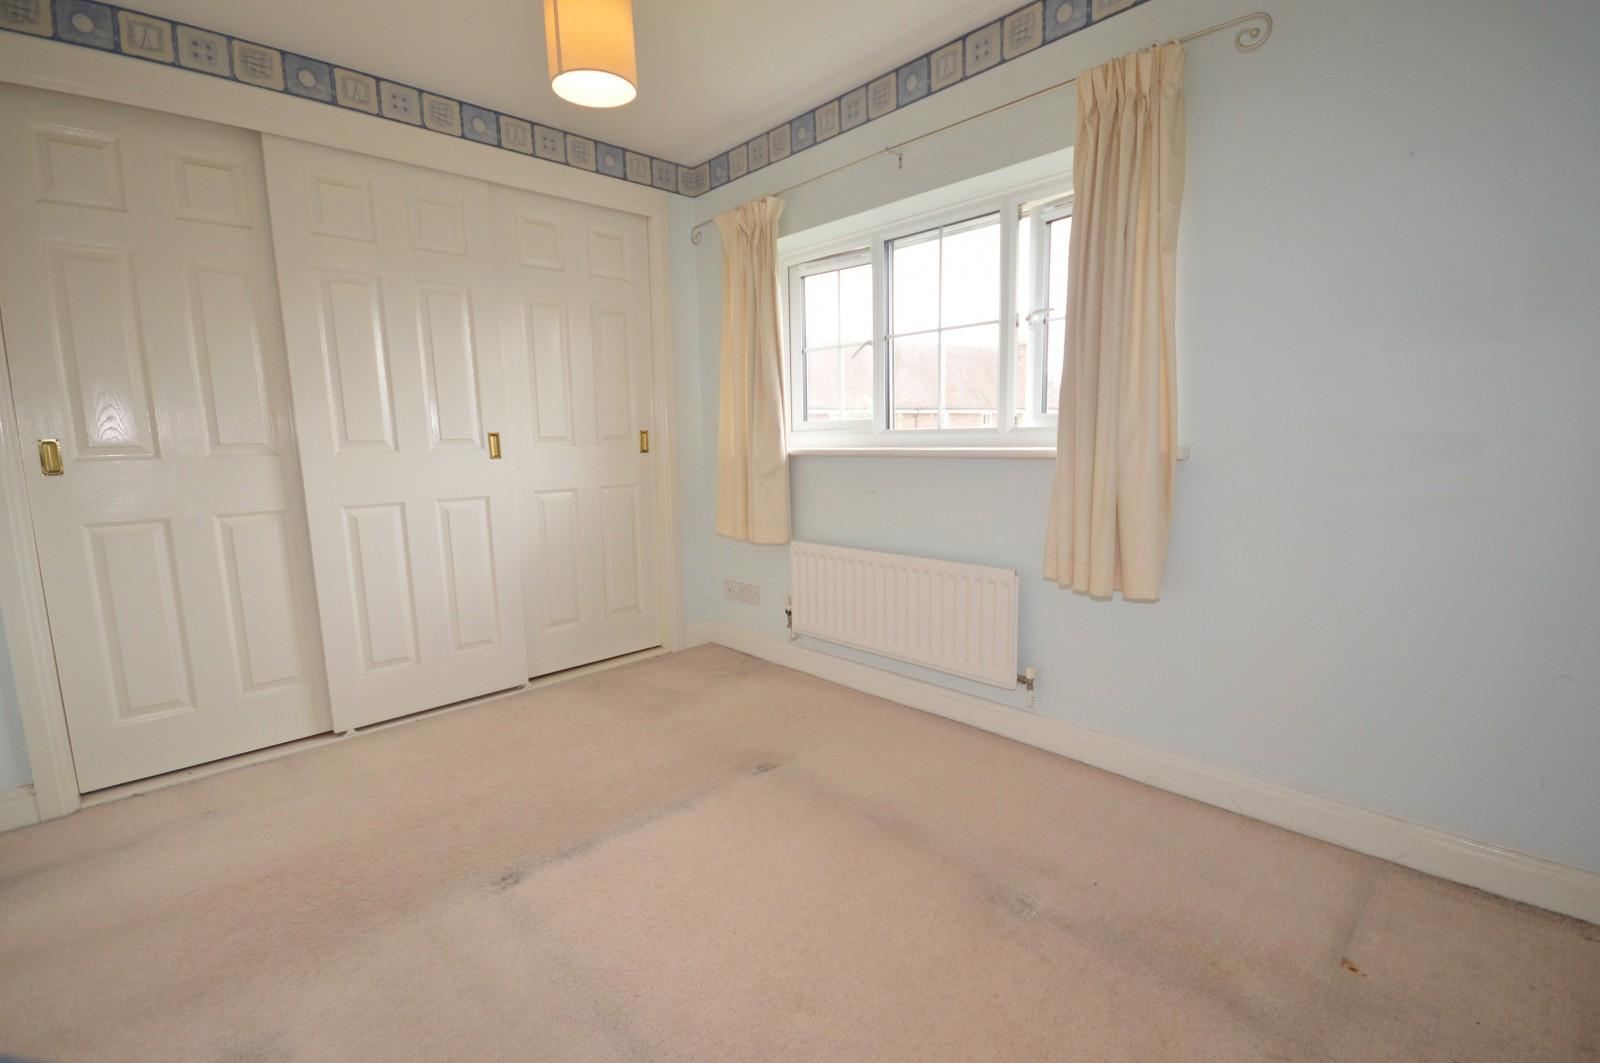 Bedroom - House in Billingshurst